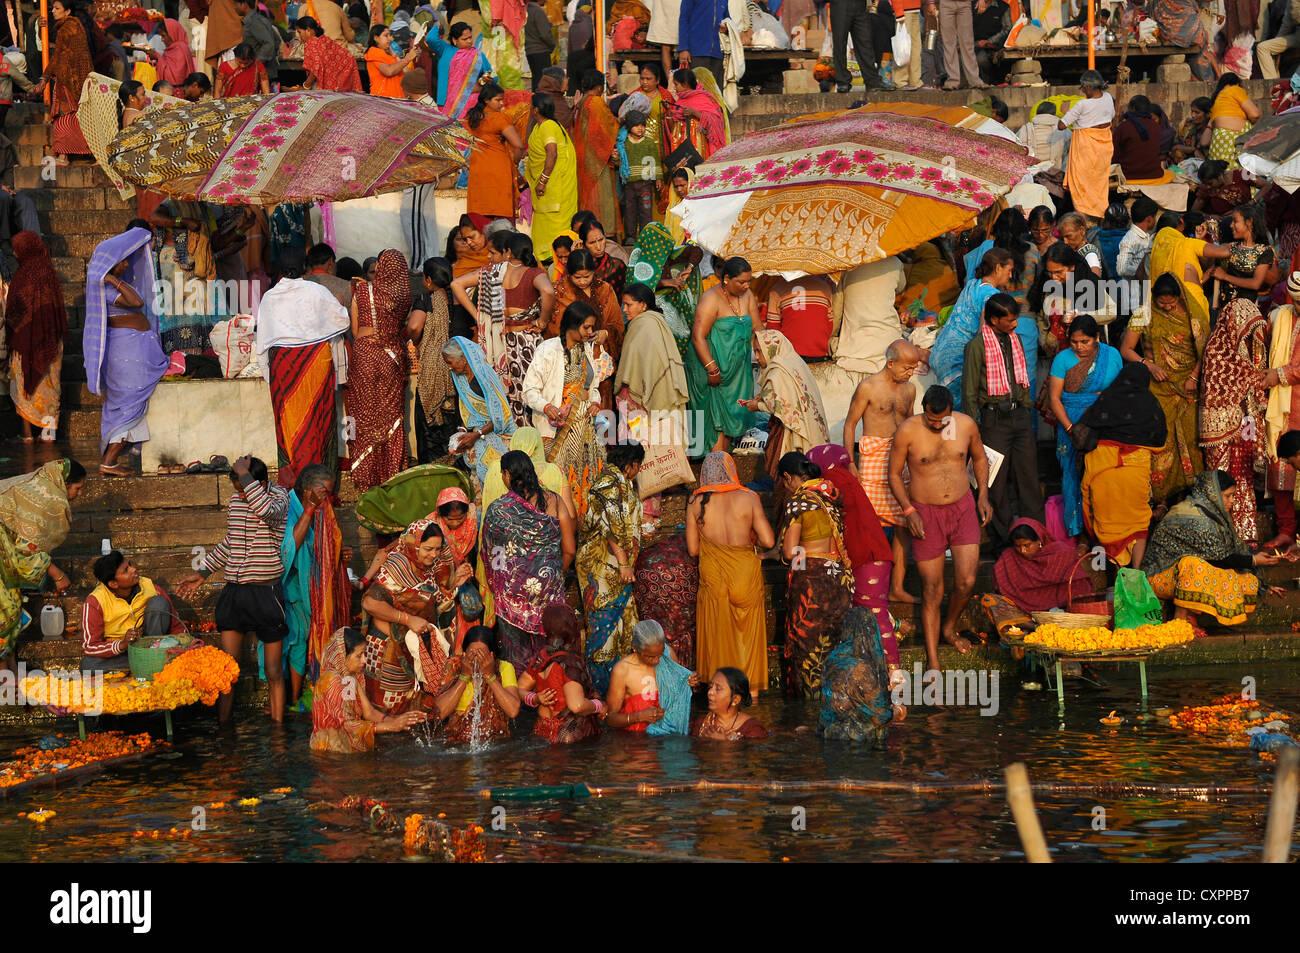 Asia India Uttar Pradesh Varanasi fieles hindúes en los ghats del río Ganges Imagen De Stock